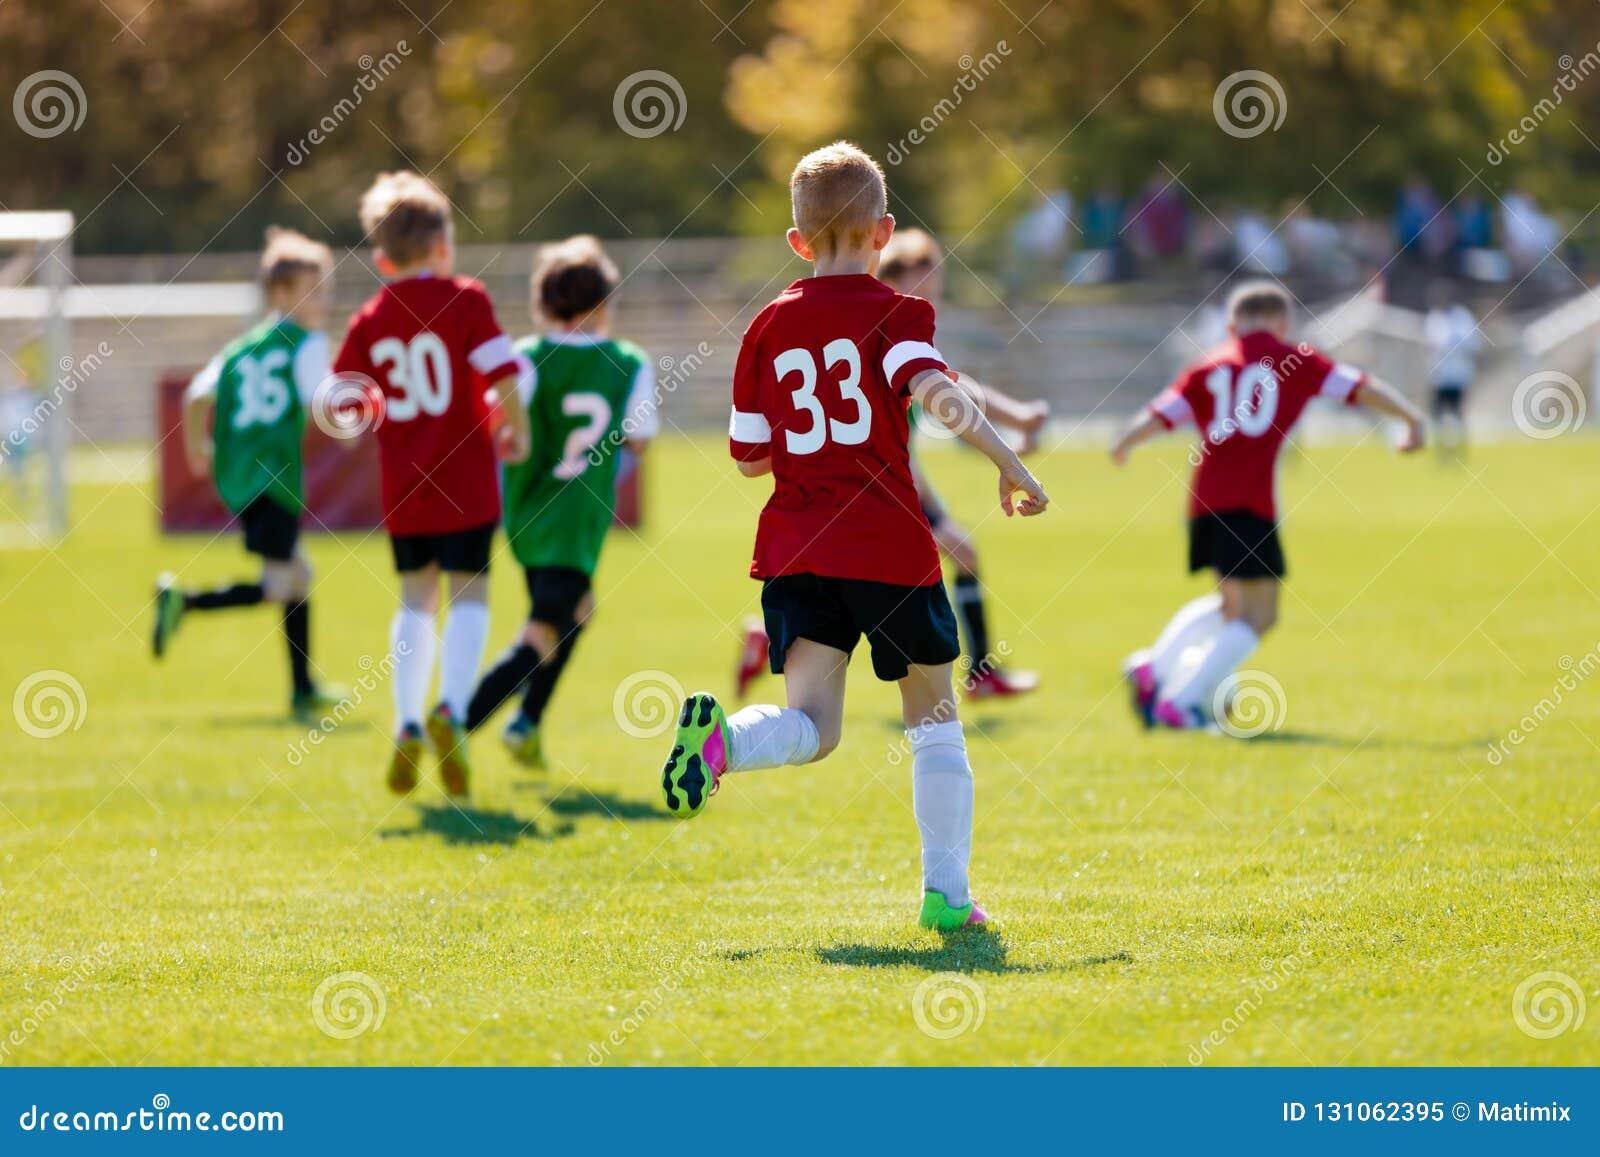 Pojkar som sparkar fotboll på sportfältet En handlingsportbild av en grupp av ungar som spelar leken för fotbollfotbollturnering